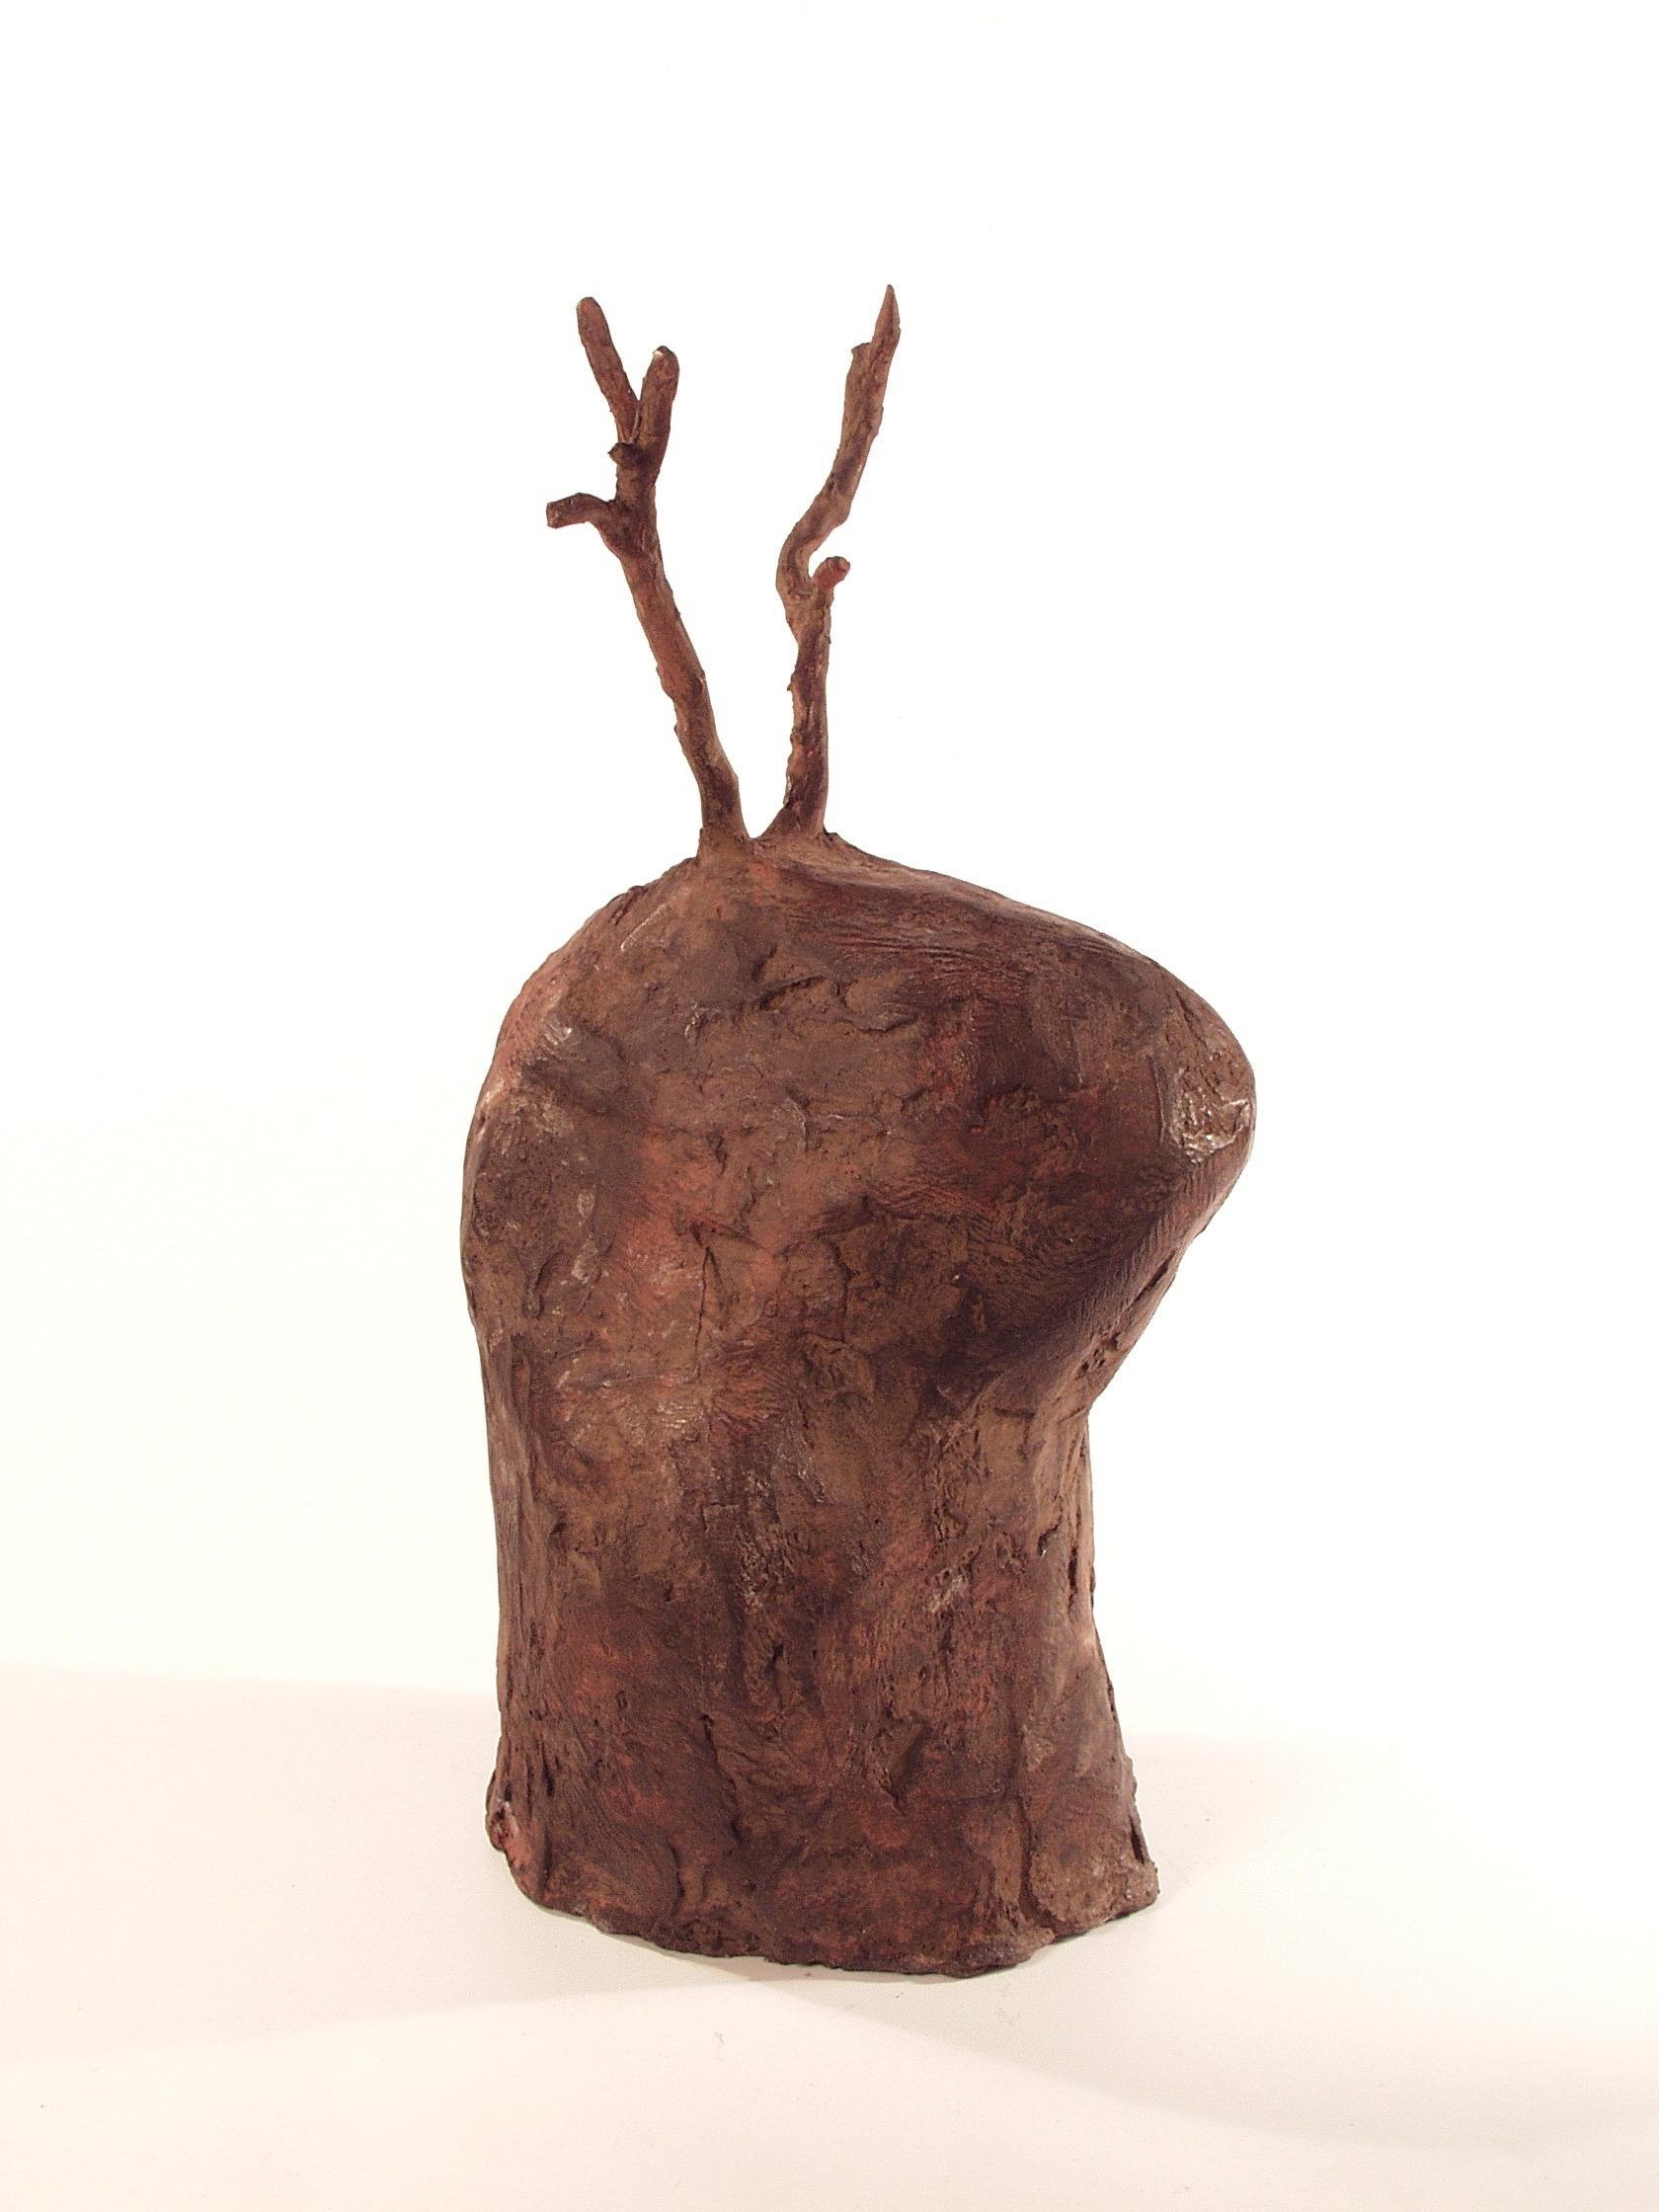 Prophet, bronze (edition of 3), 46 X 21.5 X 22 cm, 2004